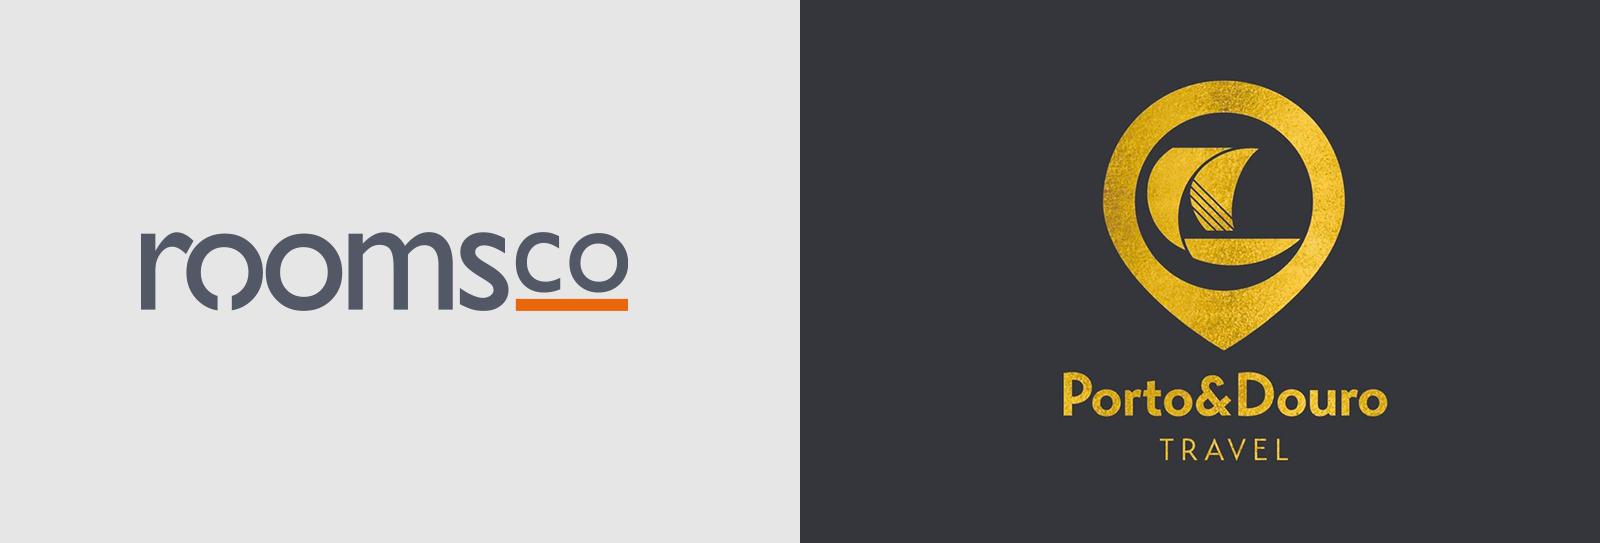 RoomsCo e Porto&Douro Travel Logos